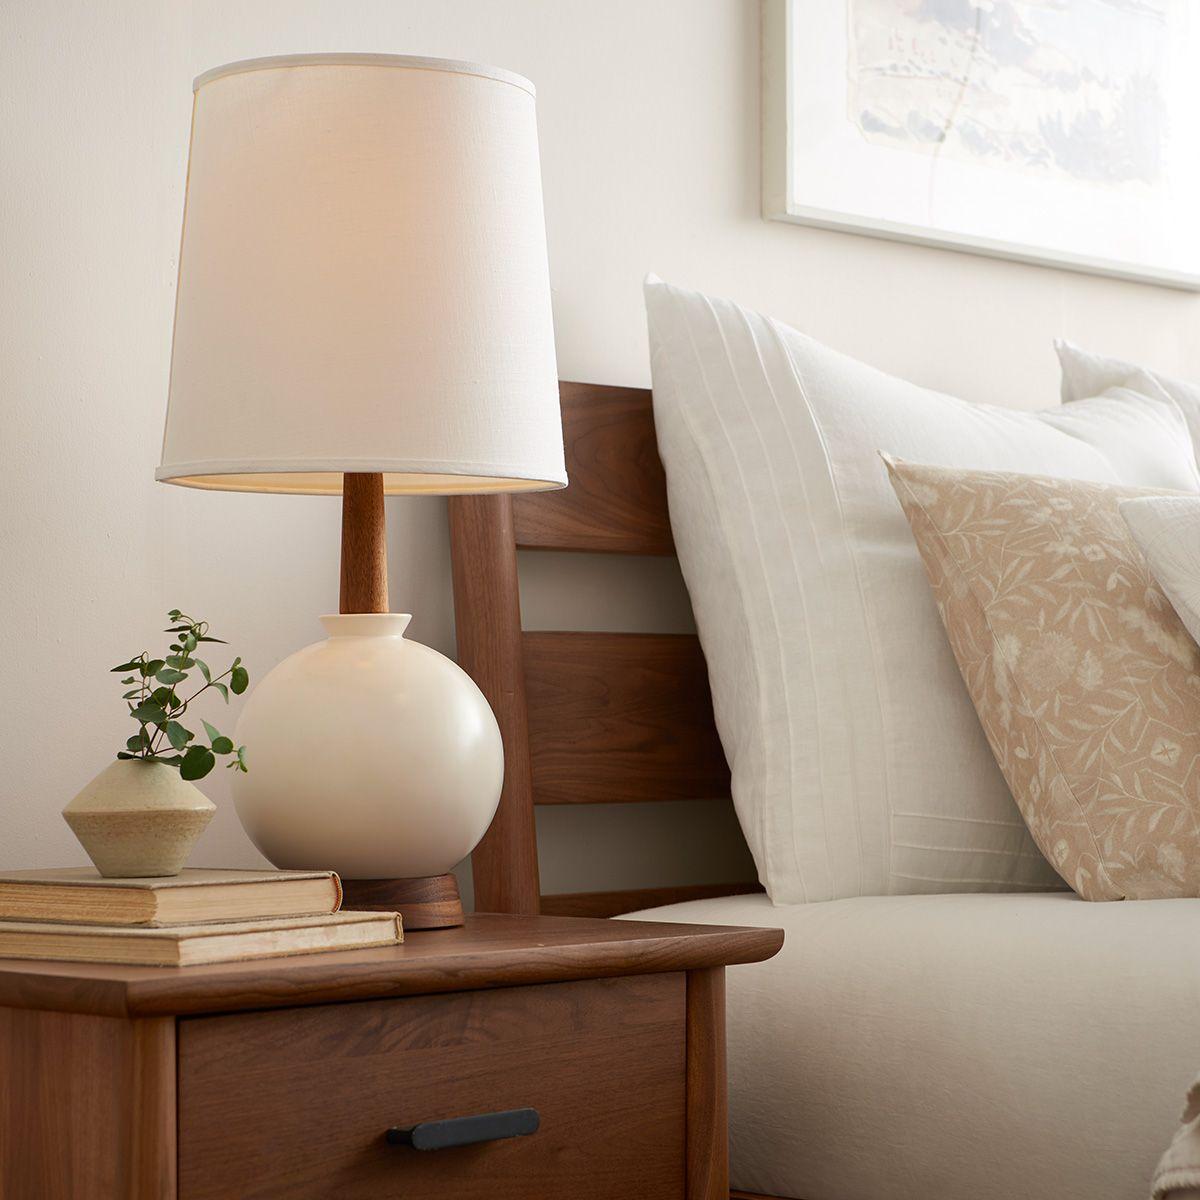 How to Choose Bedroom Lighting